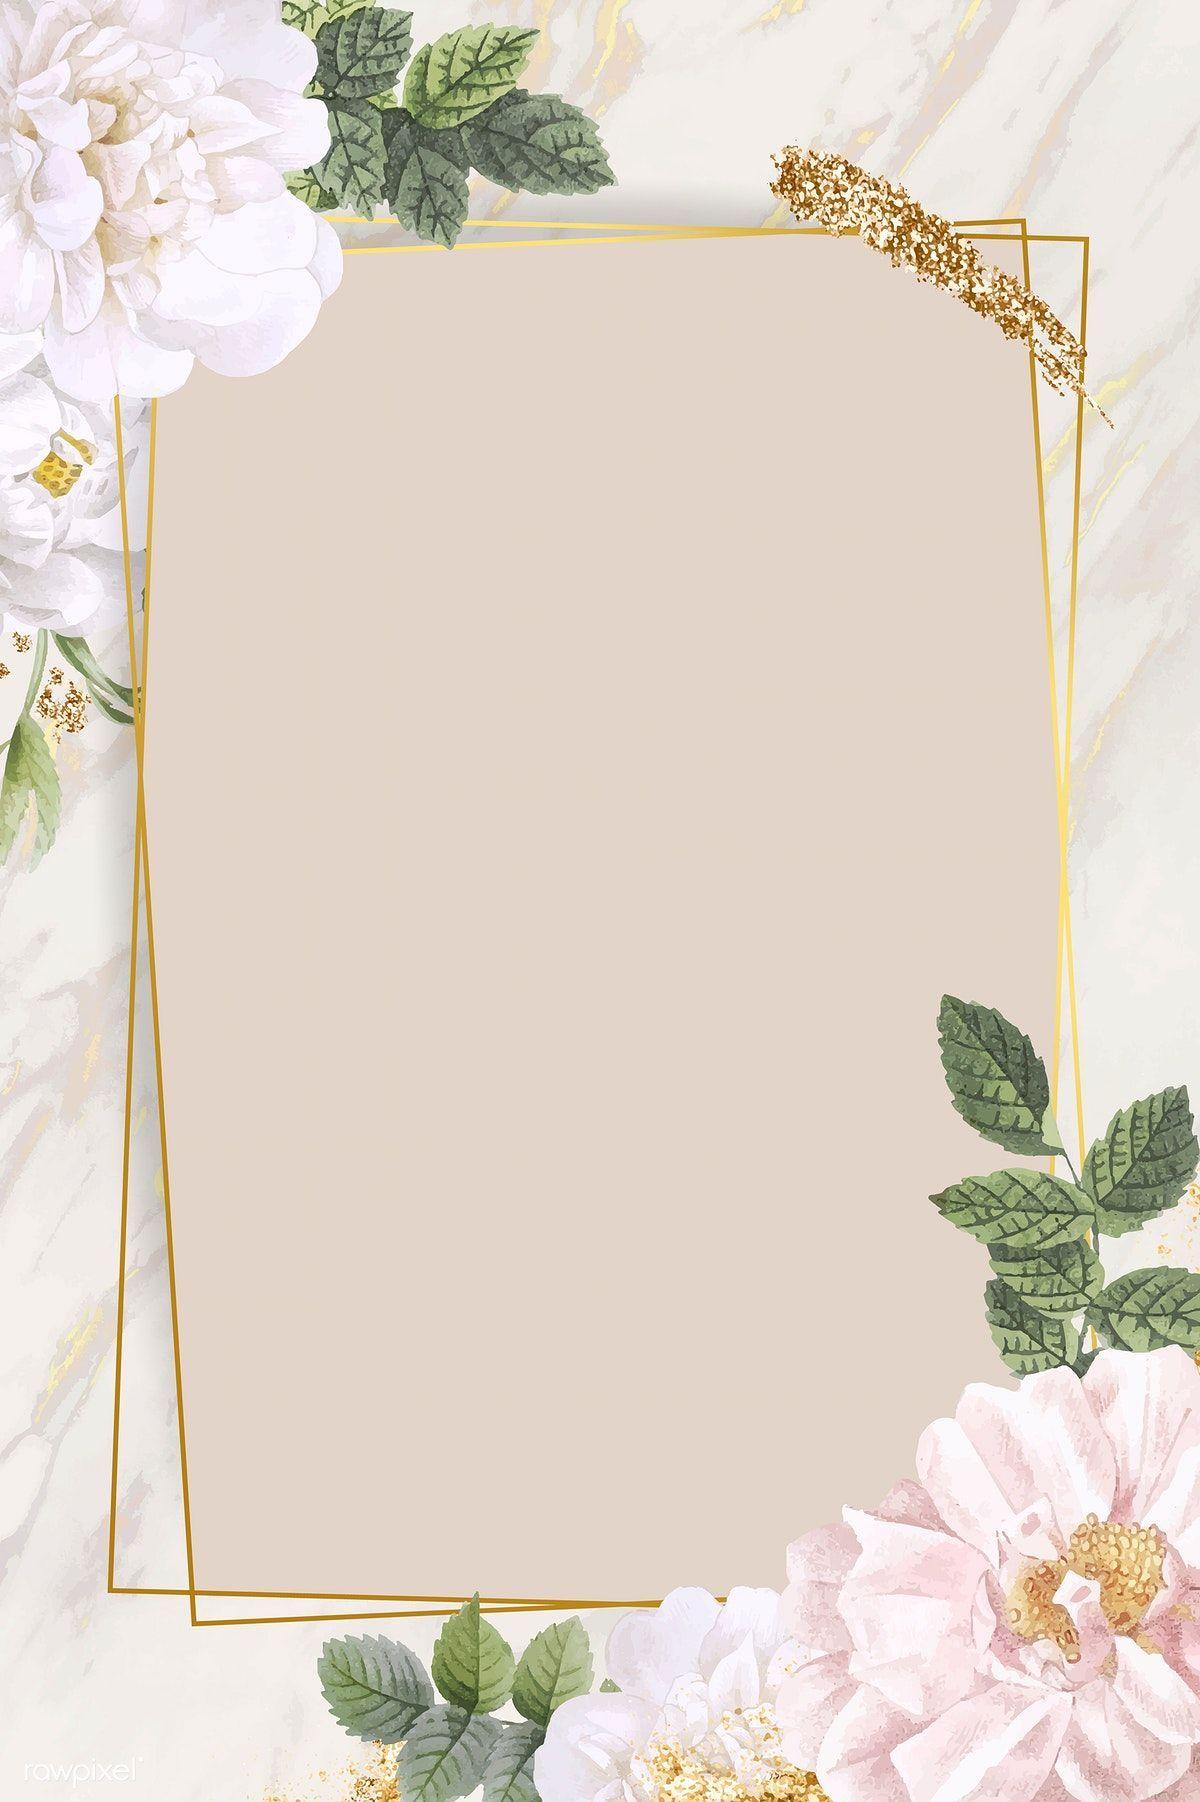 Laden Sie Den Premium Vektor Rectangle Rose Frame On Marble Background Herunter Background Den Frame Latar Belakang Marmer Bingkai Bunga Kartu Pernikahan